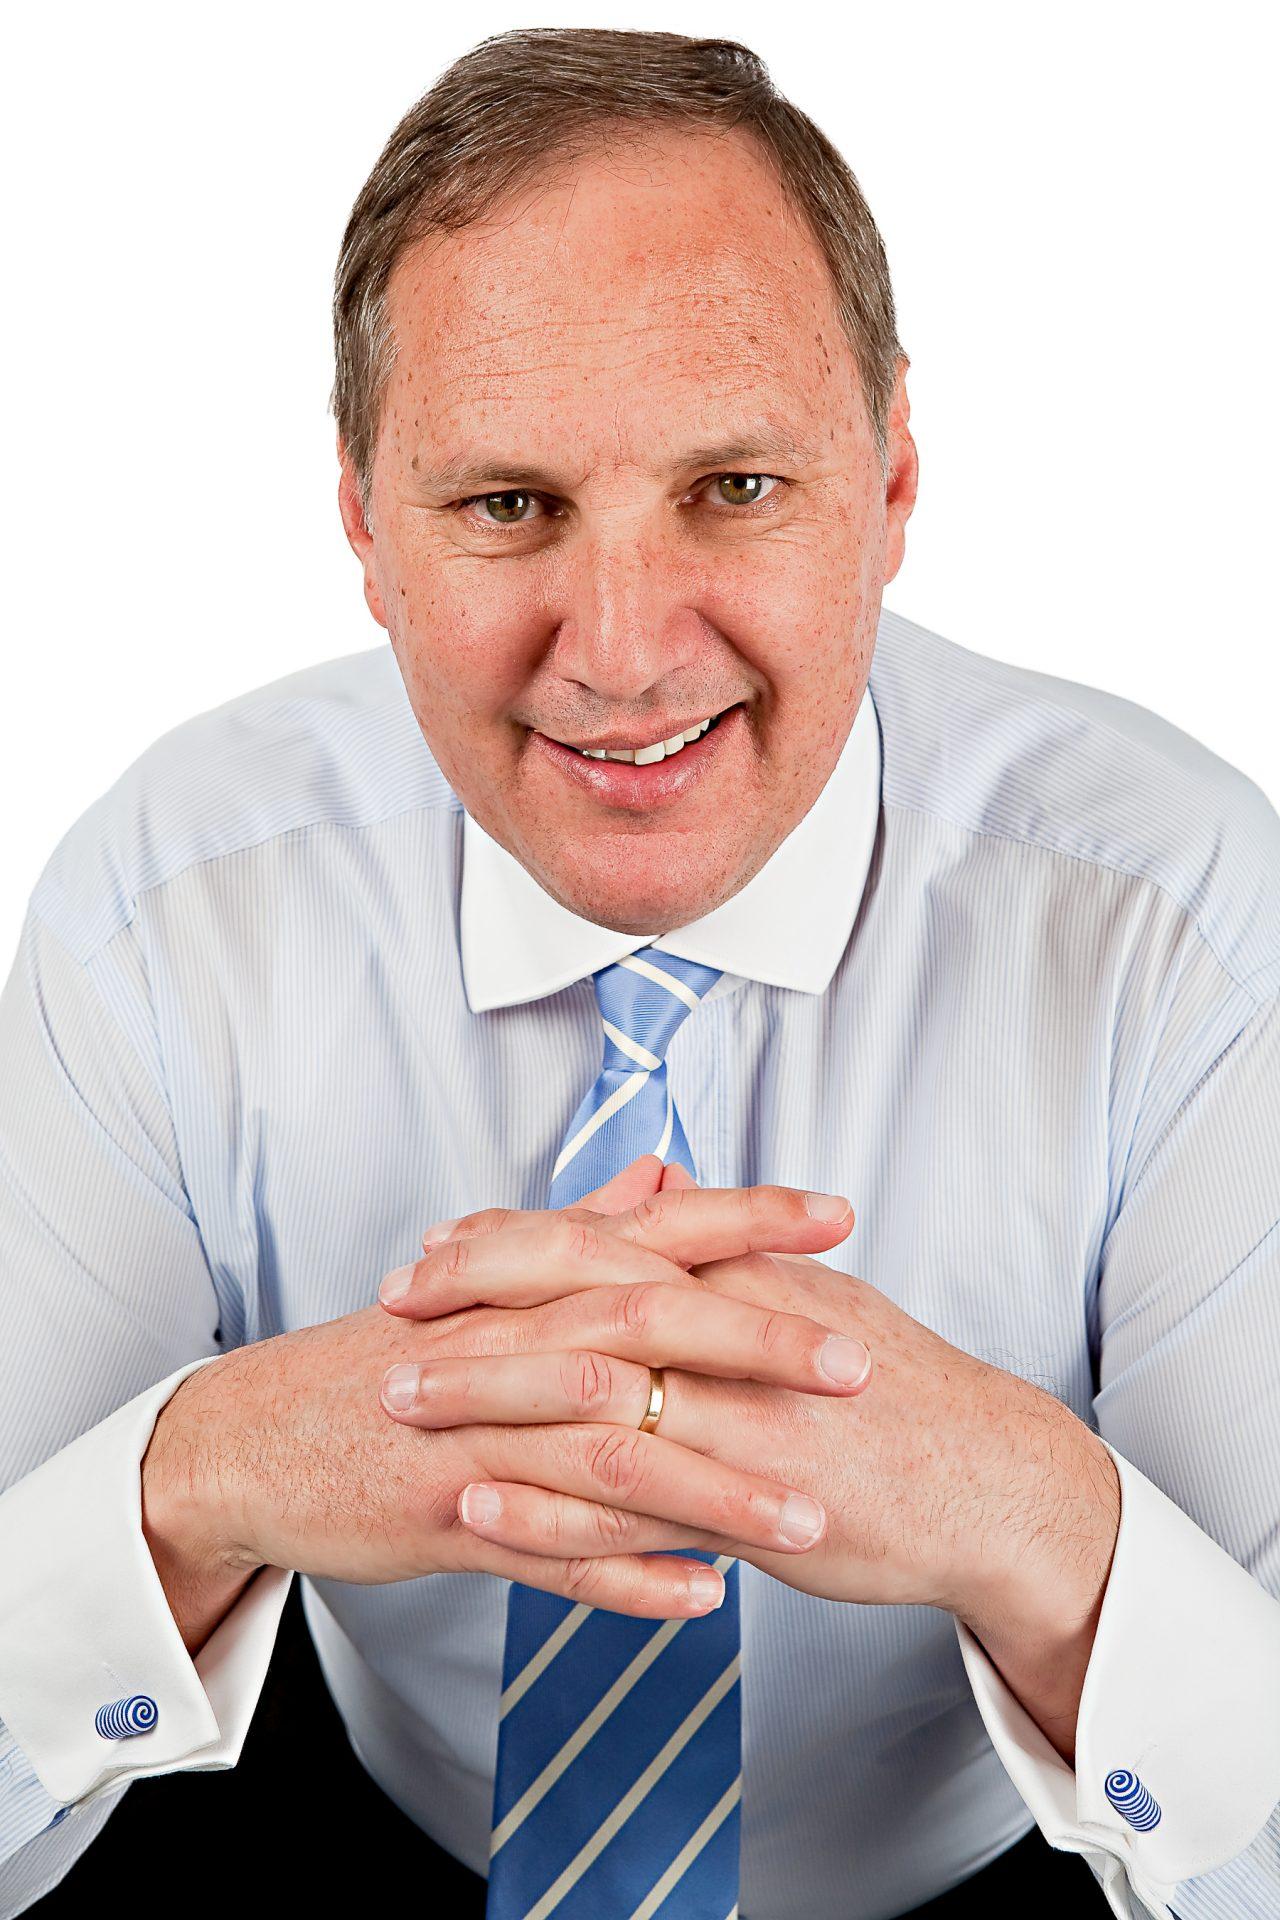 Reid Corin | Negotiation Expert